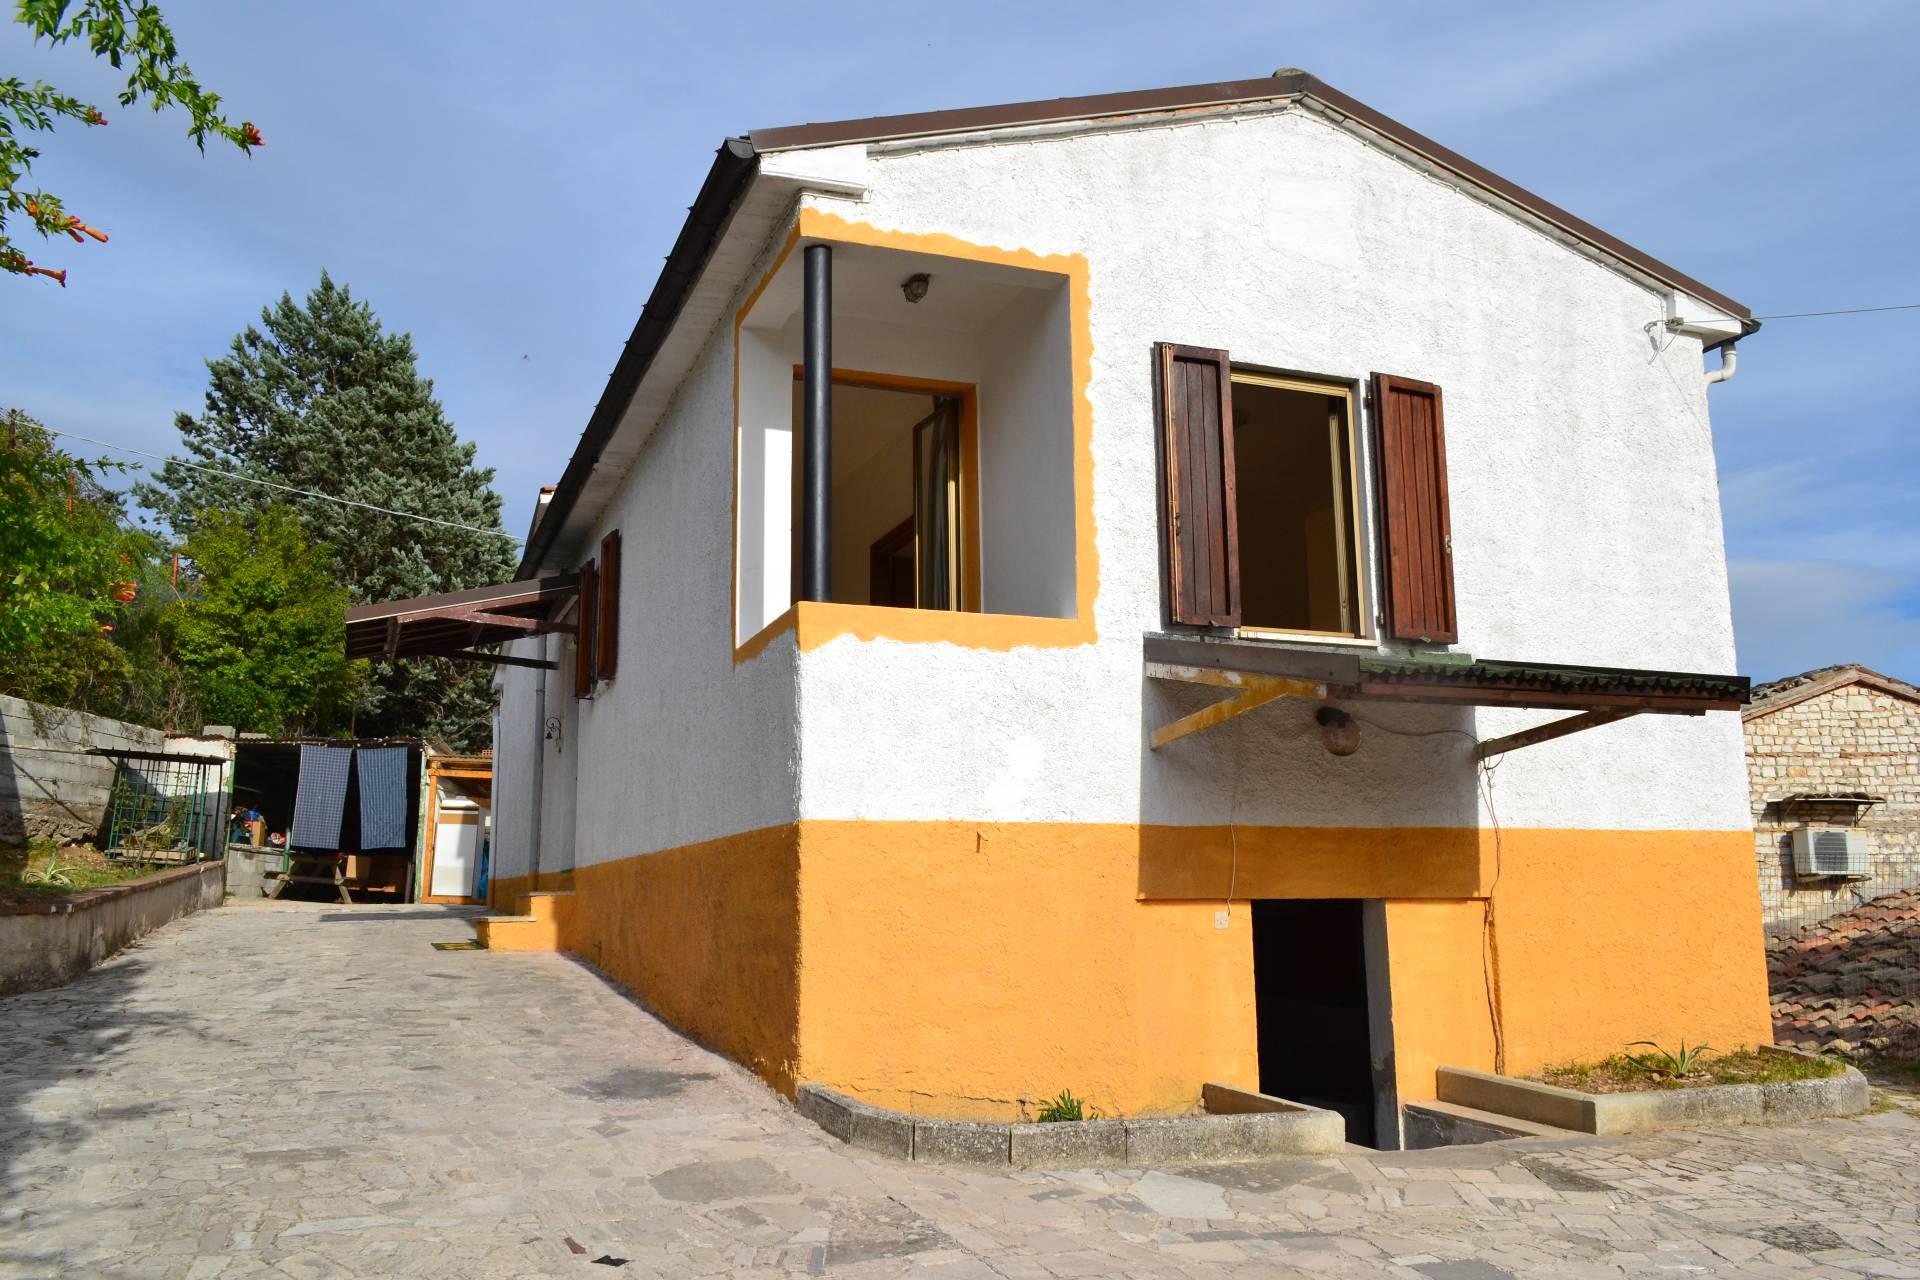 Soluzione Indipendente in vendita a Genga, 3 locali, prezzo € 55.000 | CambioCasa.it